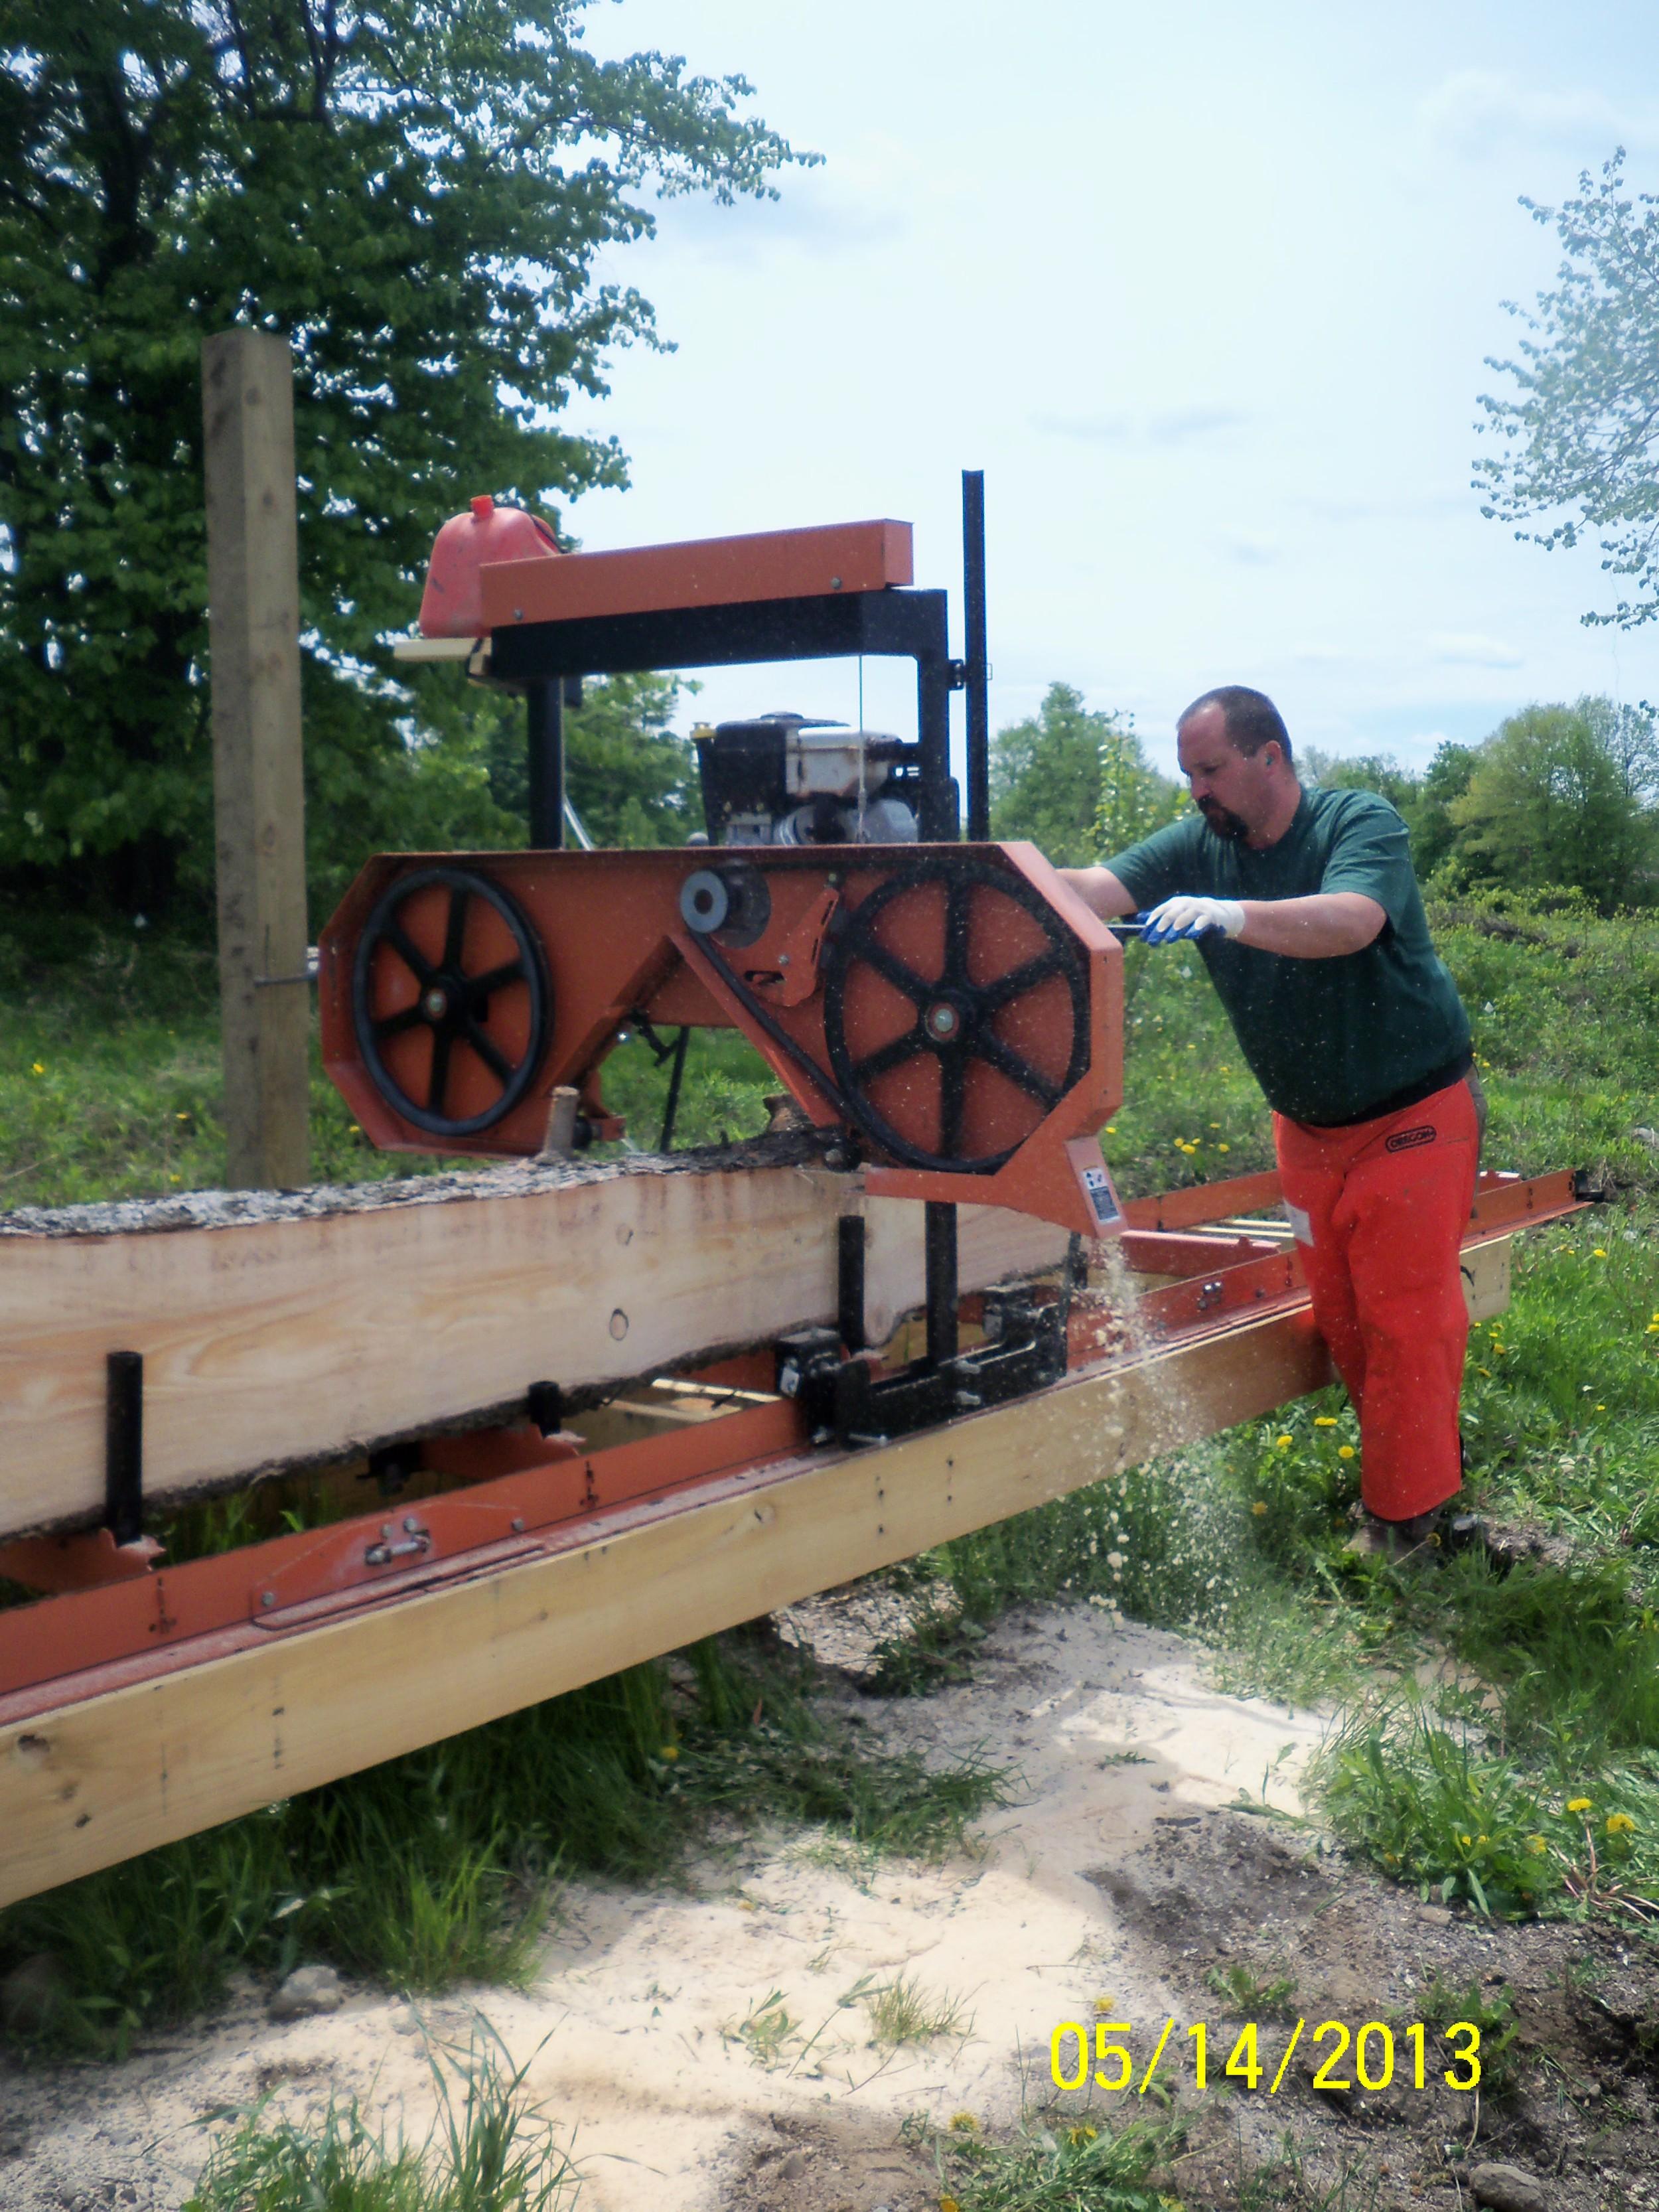 Wood-Mizer sawmill